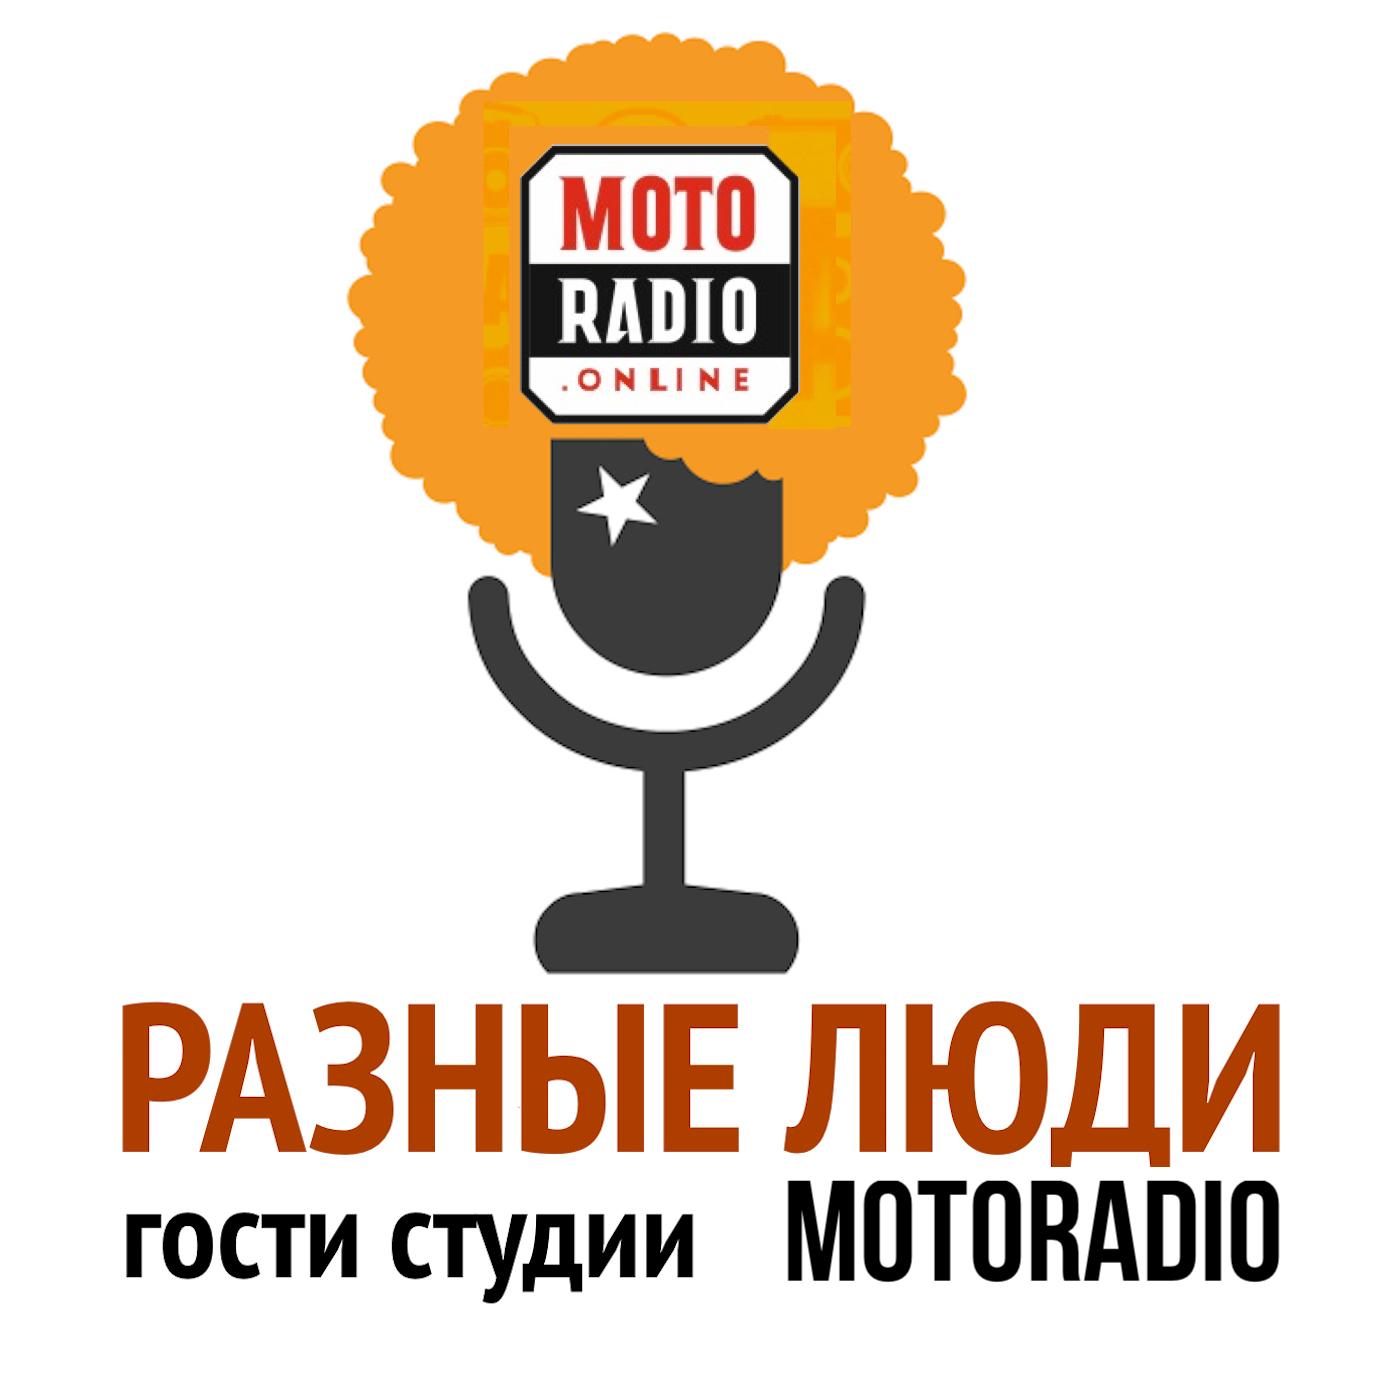 цена на Моторадио Директор петербургского Театра Мюзик-Холл, Юлия Стрижак рассказала об открытии очередного сезона.